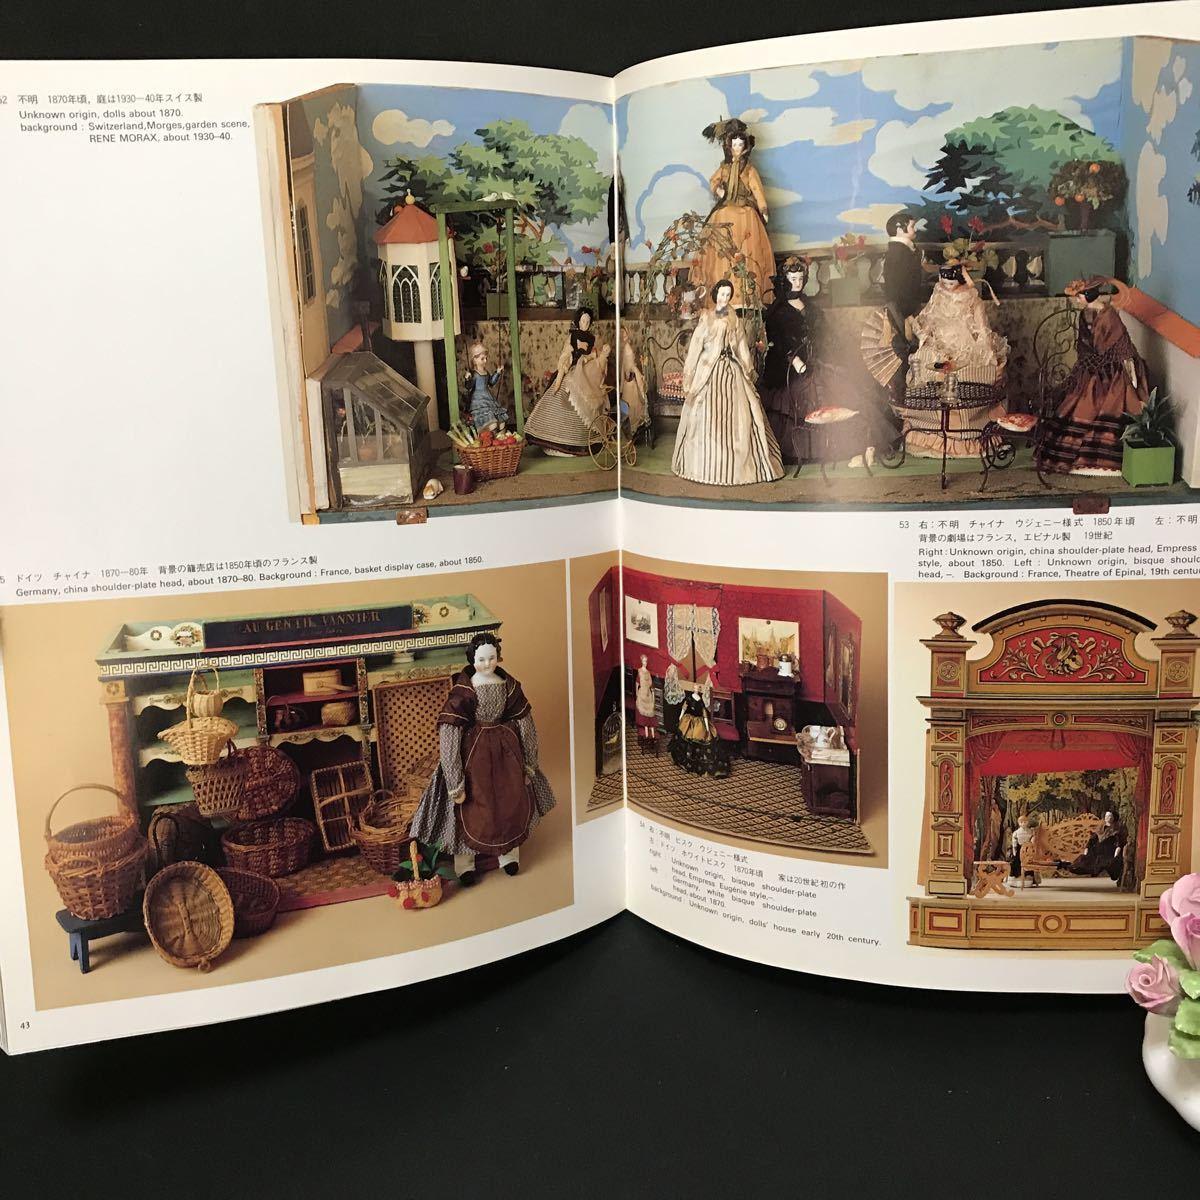 ビスクドール 書籍 人形 昭和61年発行 美品_画像5